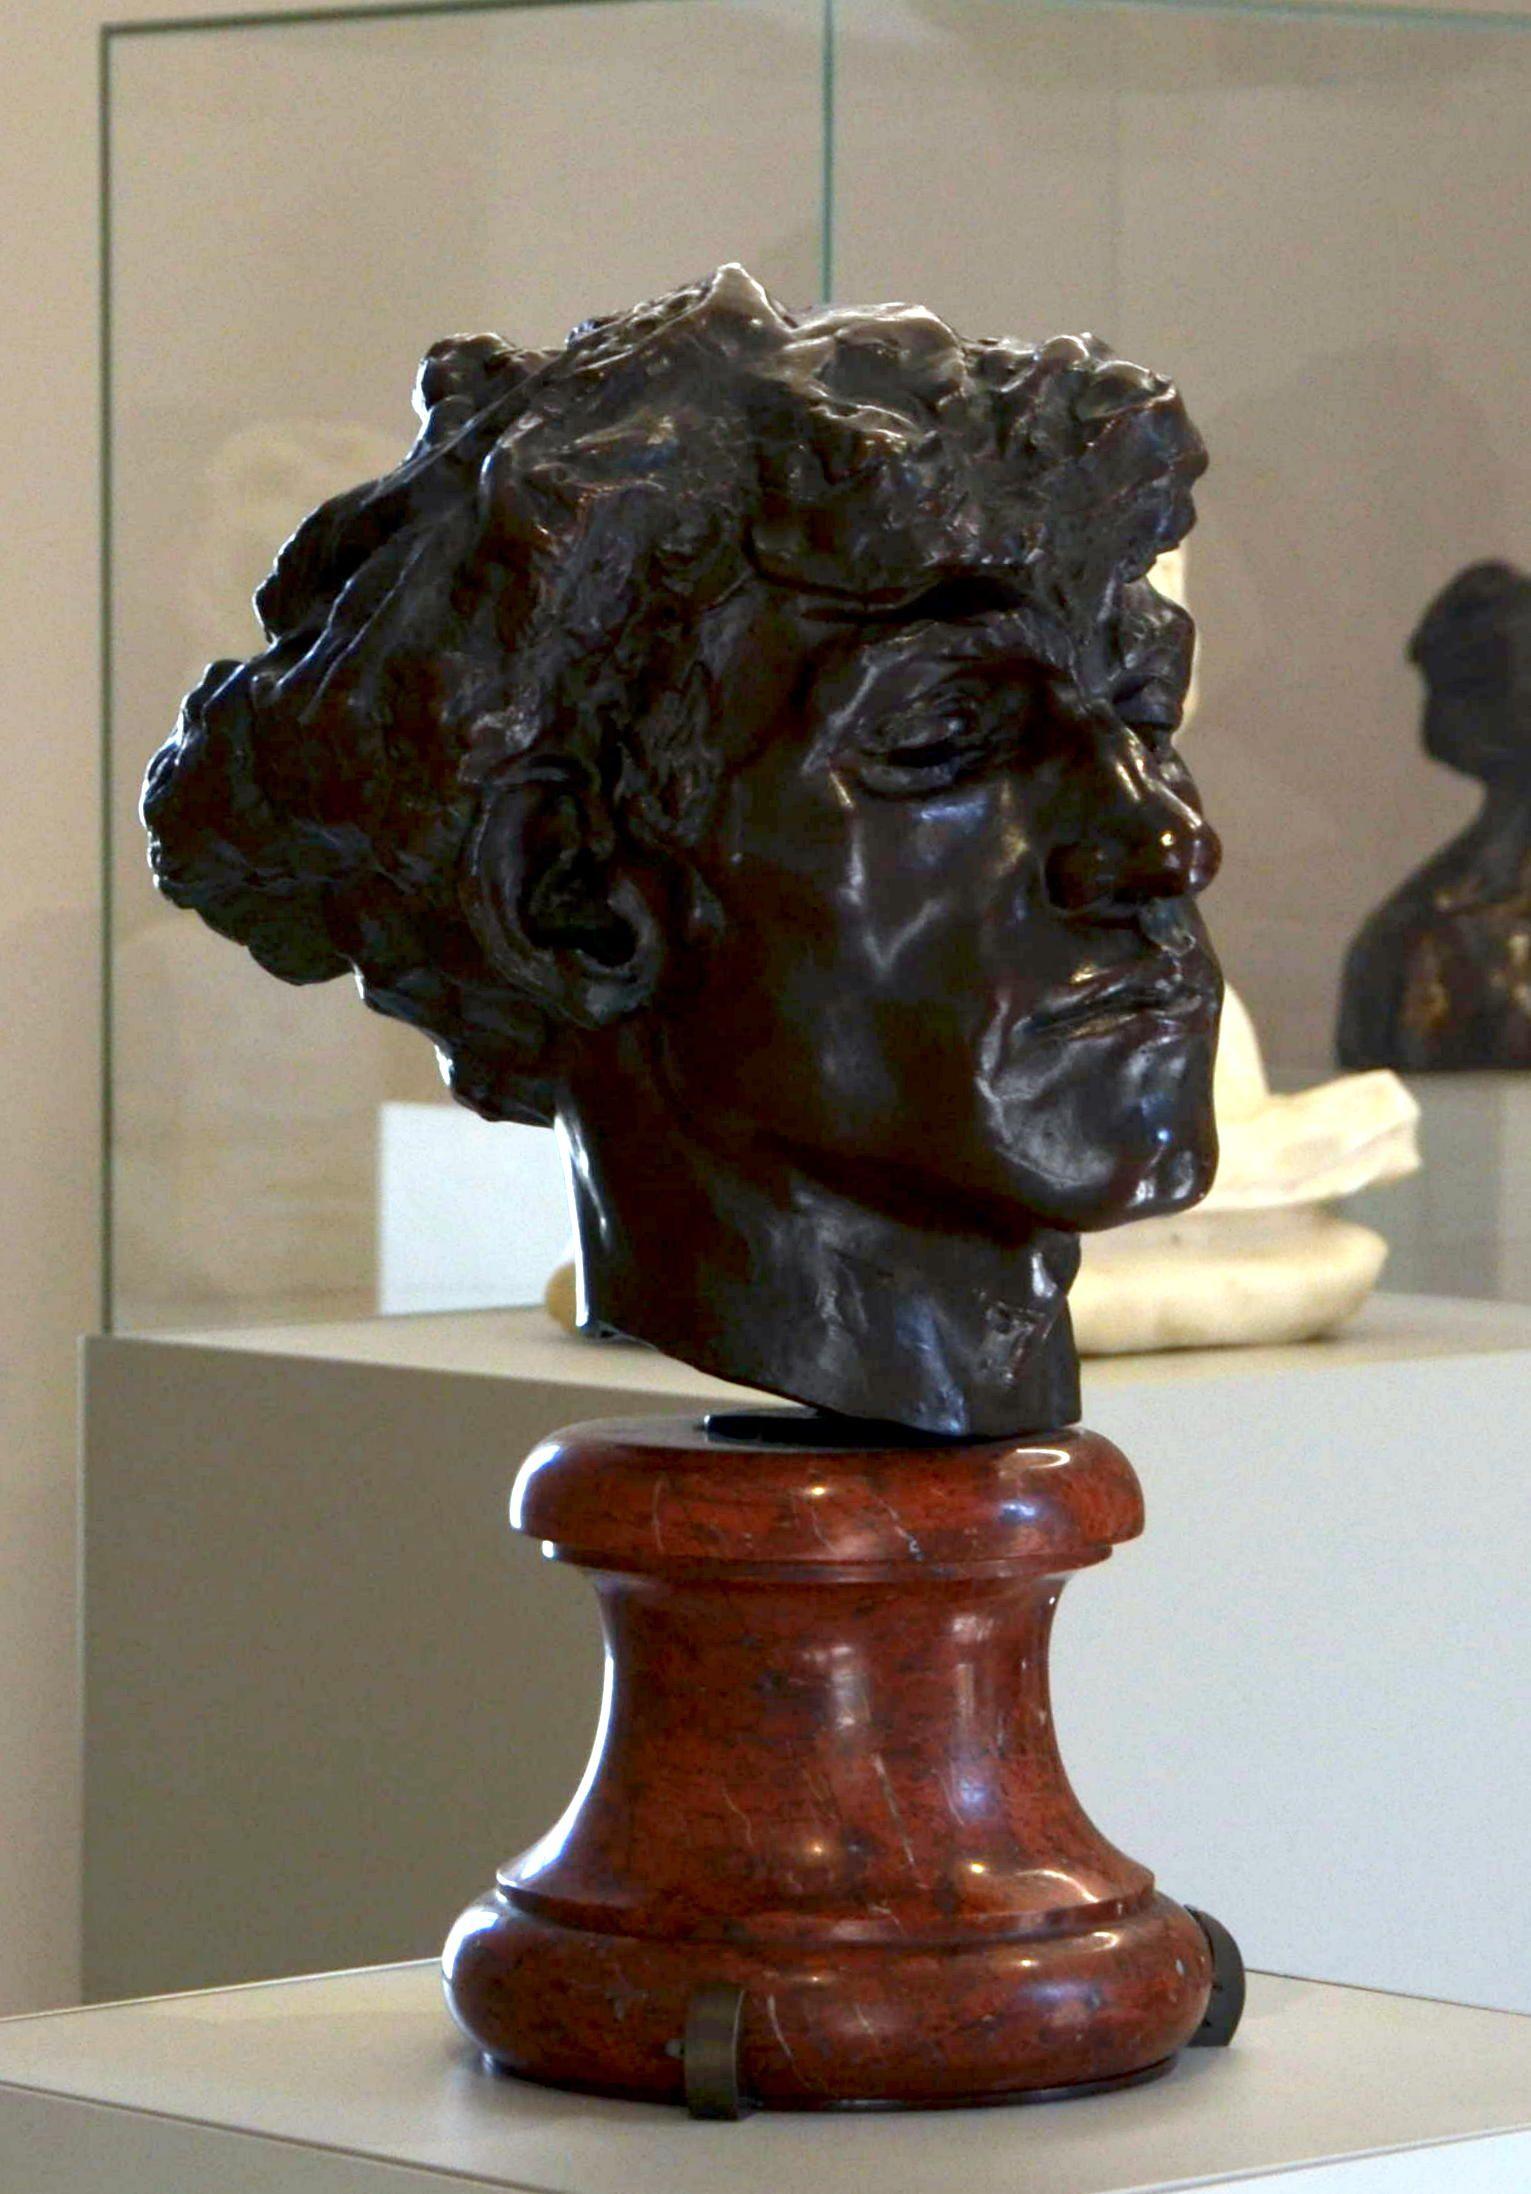 Giganti ou Tête de brigand par Camille CLAUDEL (1864-1943) vers 1885. Bronze, Fonte vraisemblable Gruetl, avant 1892. Musée Camille Claudel à Nogent-sur-Seine. Photo : Hervé Leyrit